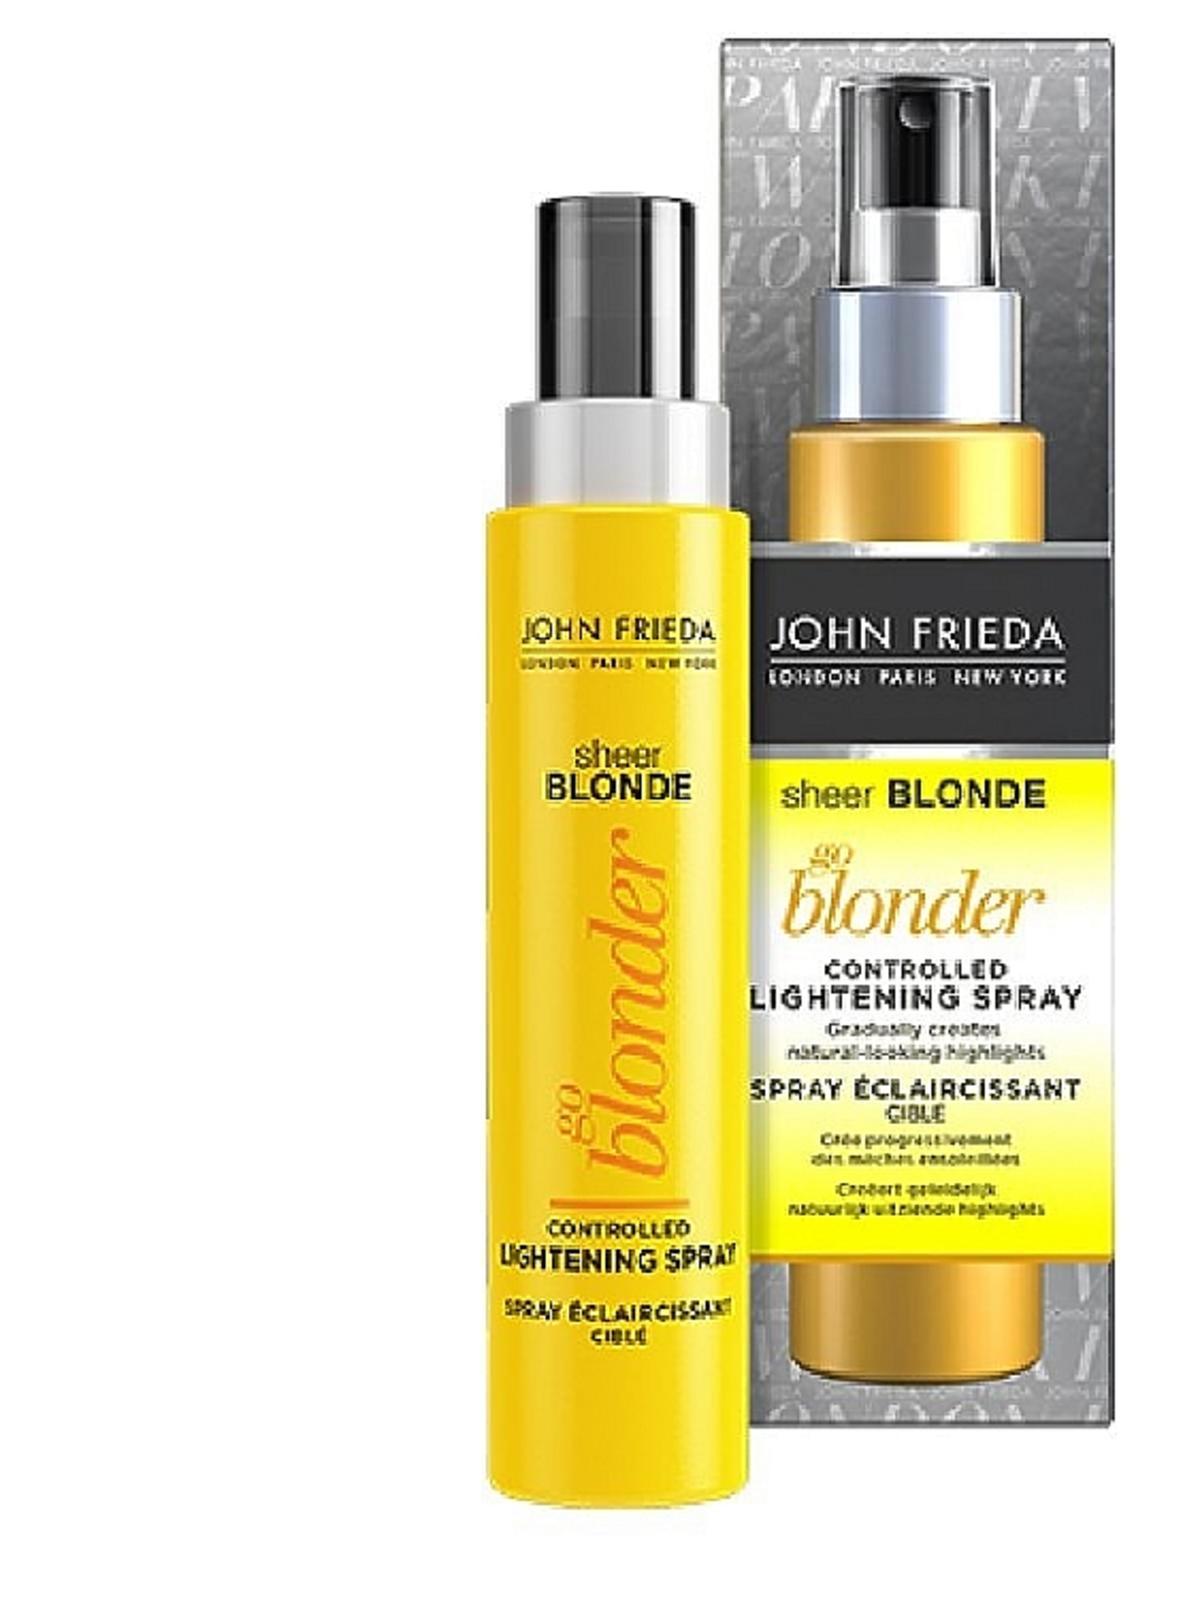 John Frieda, Sheer Blonde, spray rozjaśniający włosy, 58,99 zł